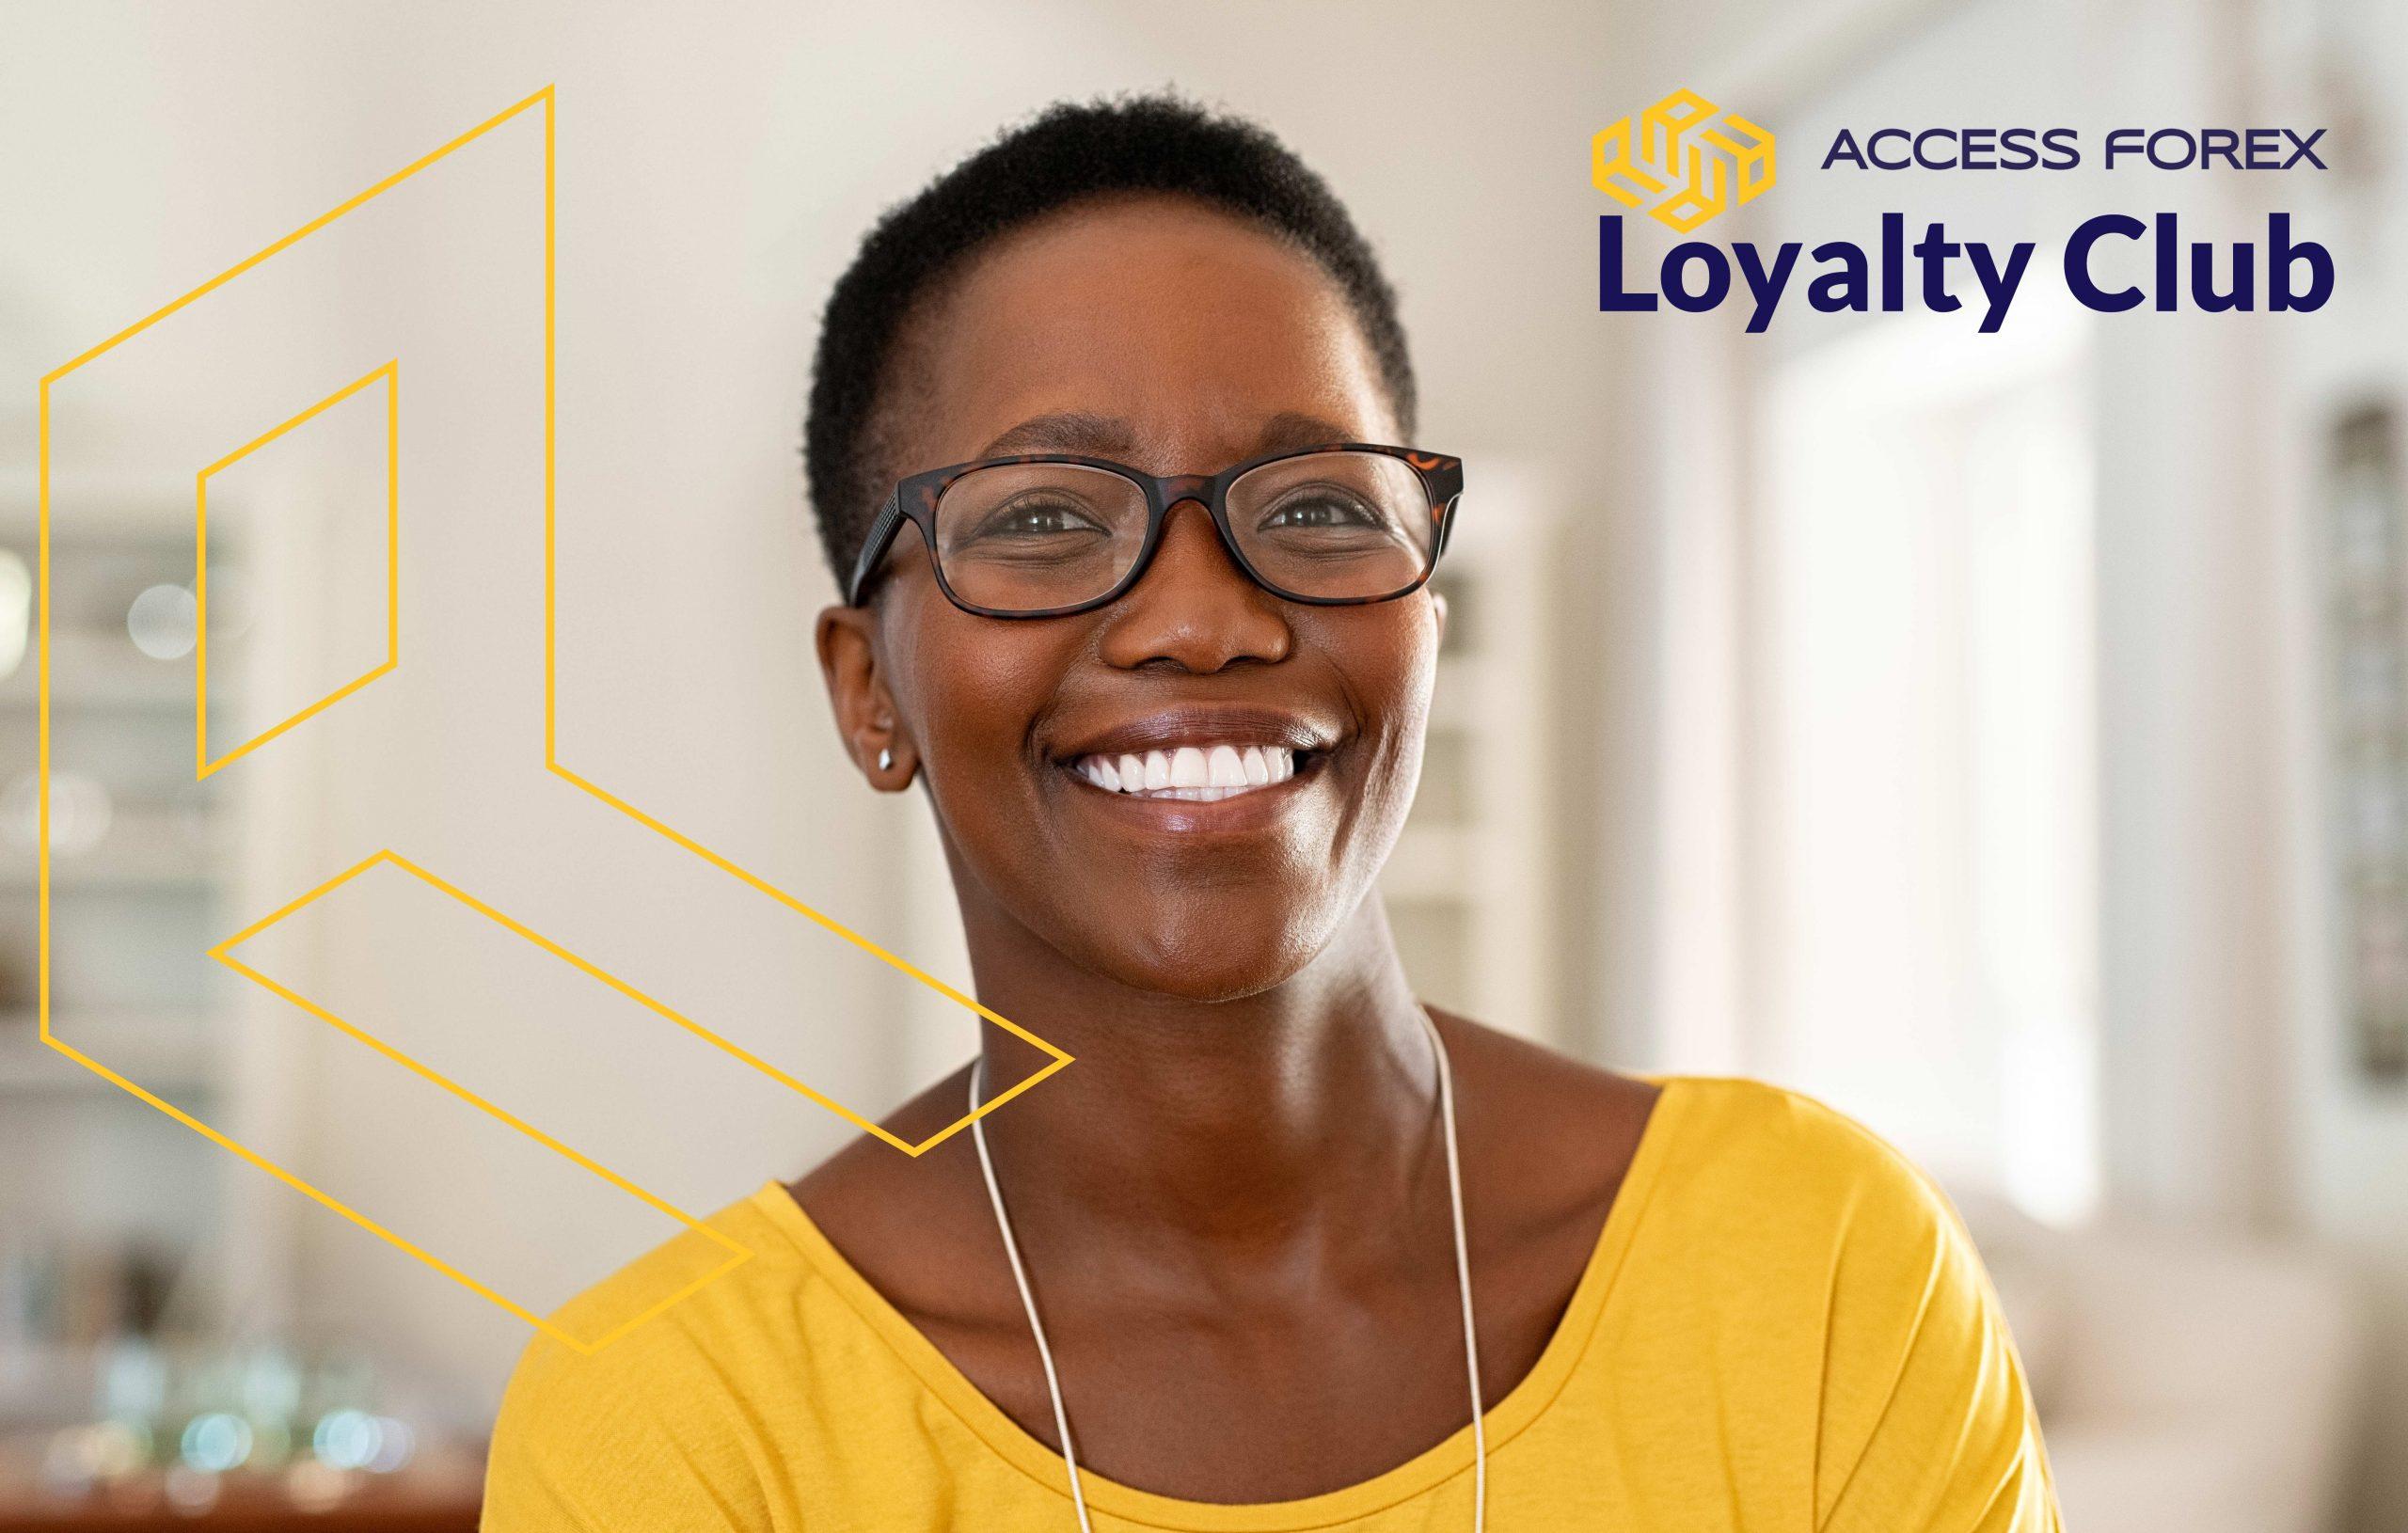 Access Forex loyalty club